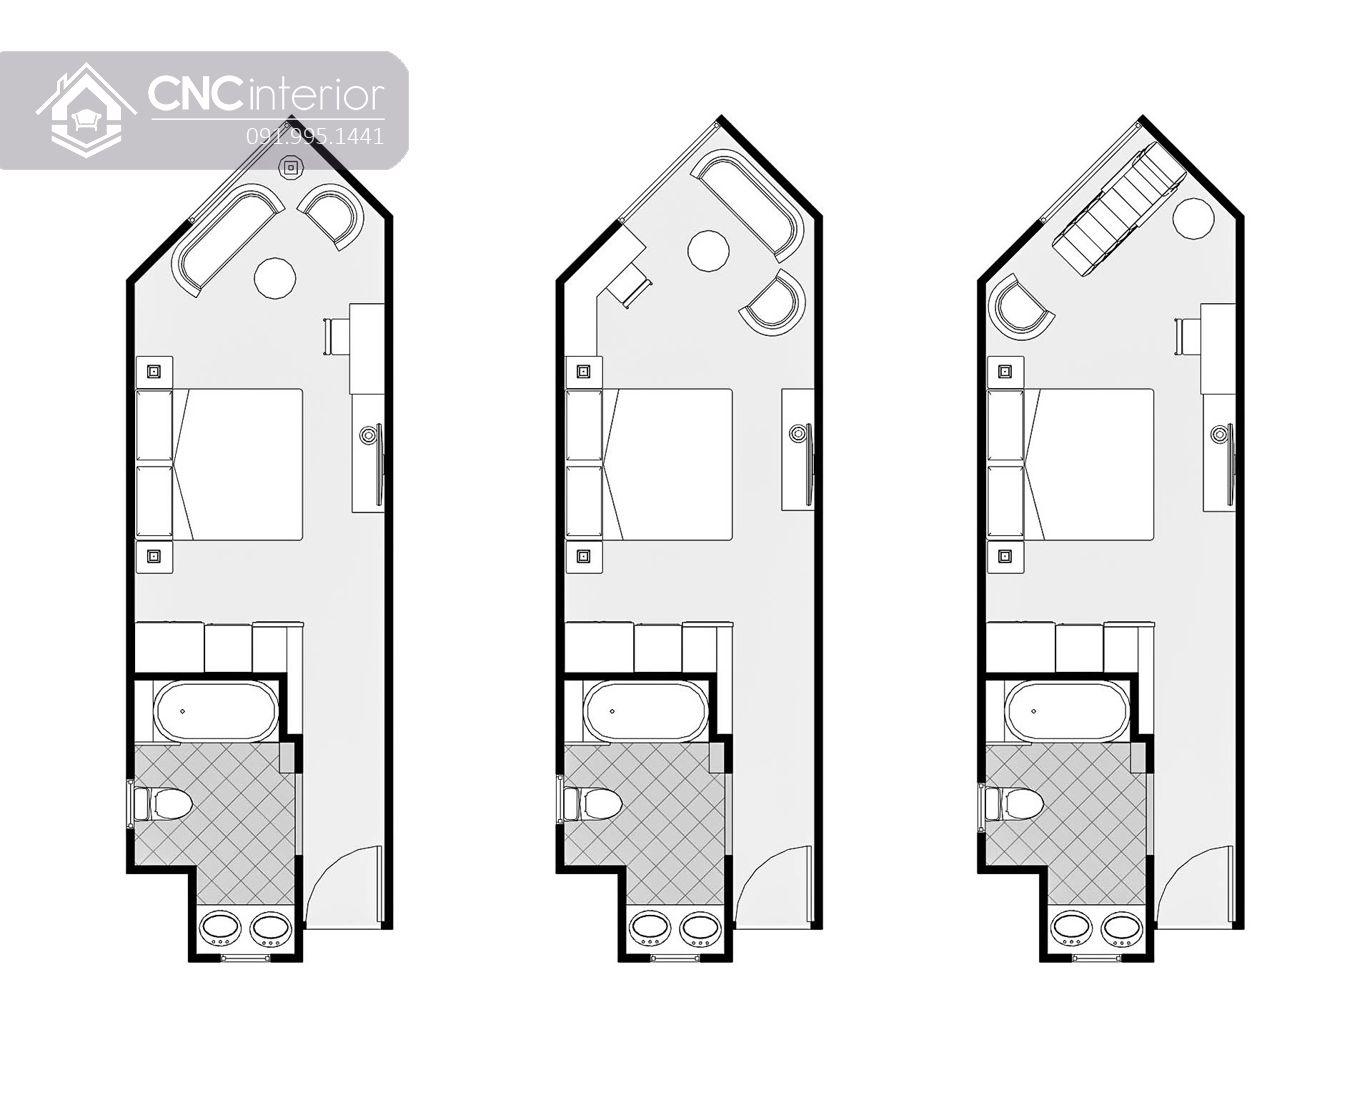 Nội thất CNC - Công trình khách sạn Valacas Nha Trang